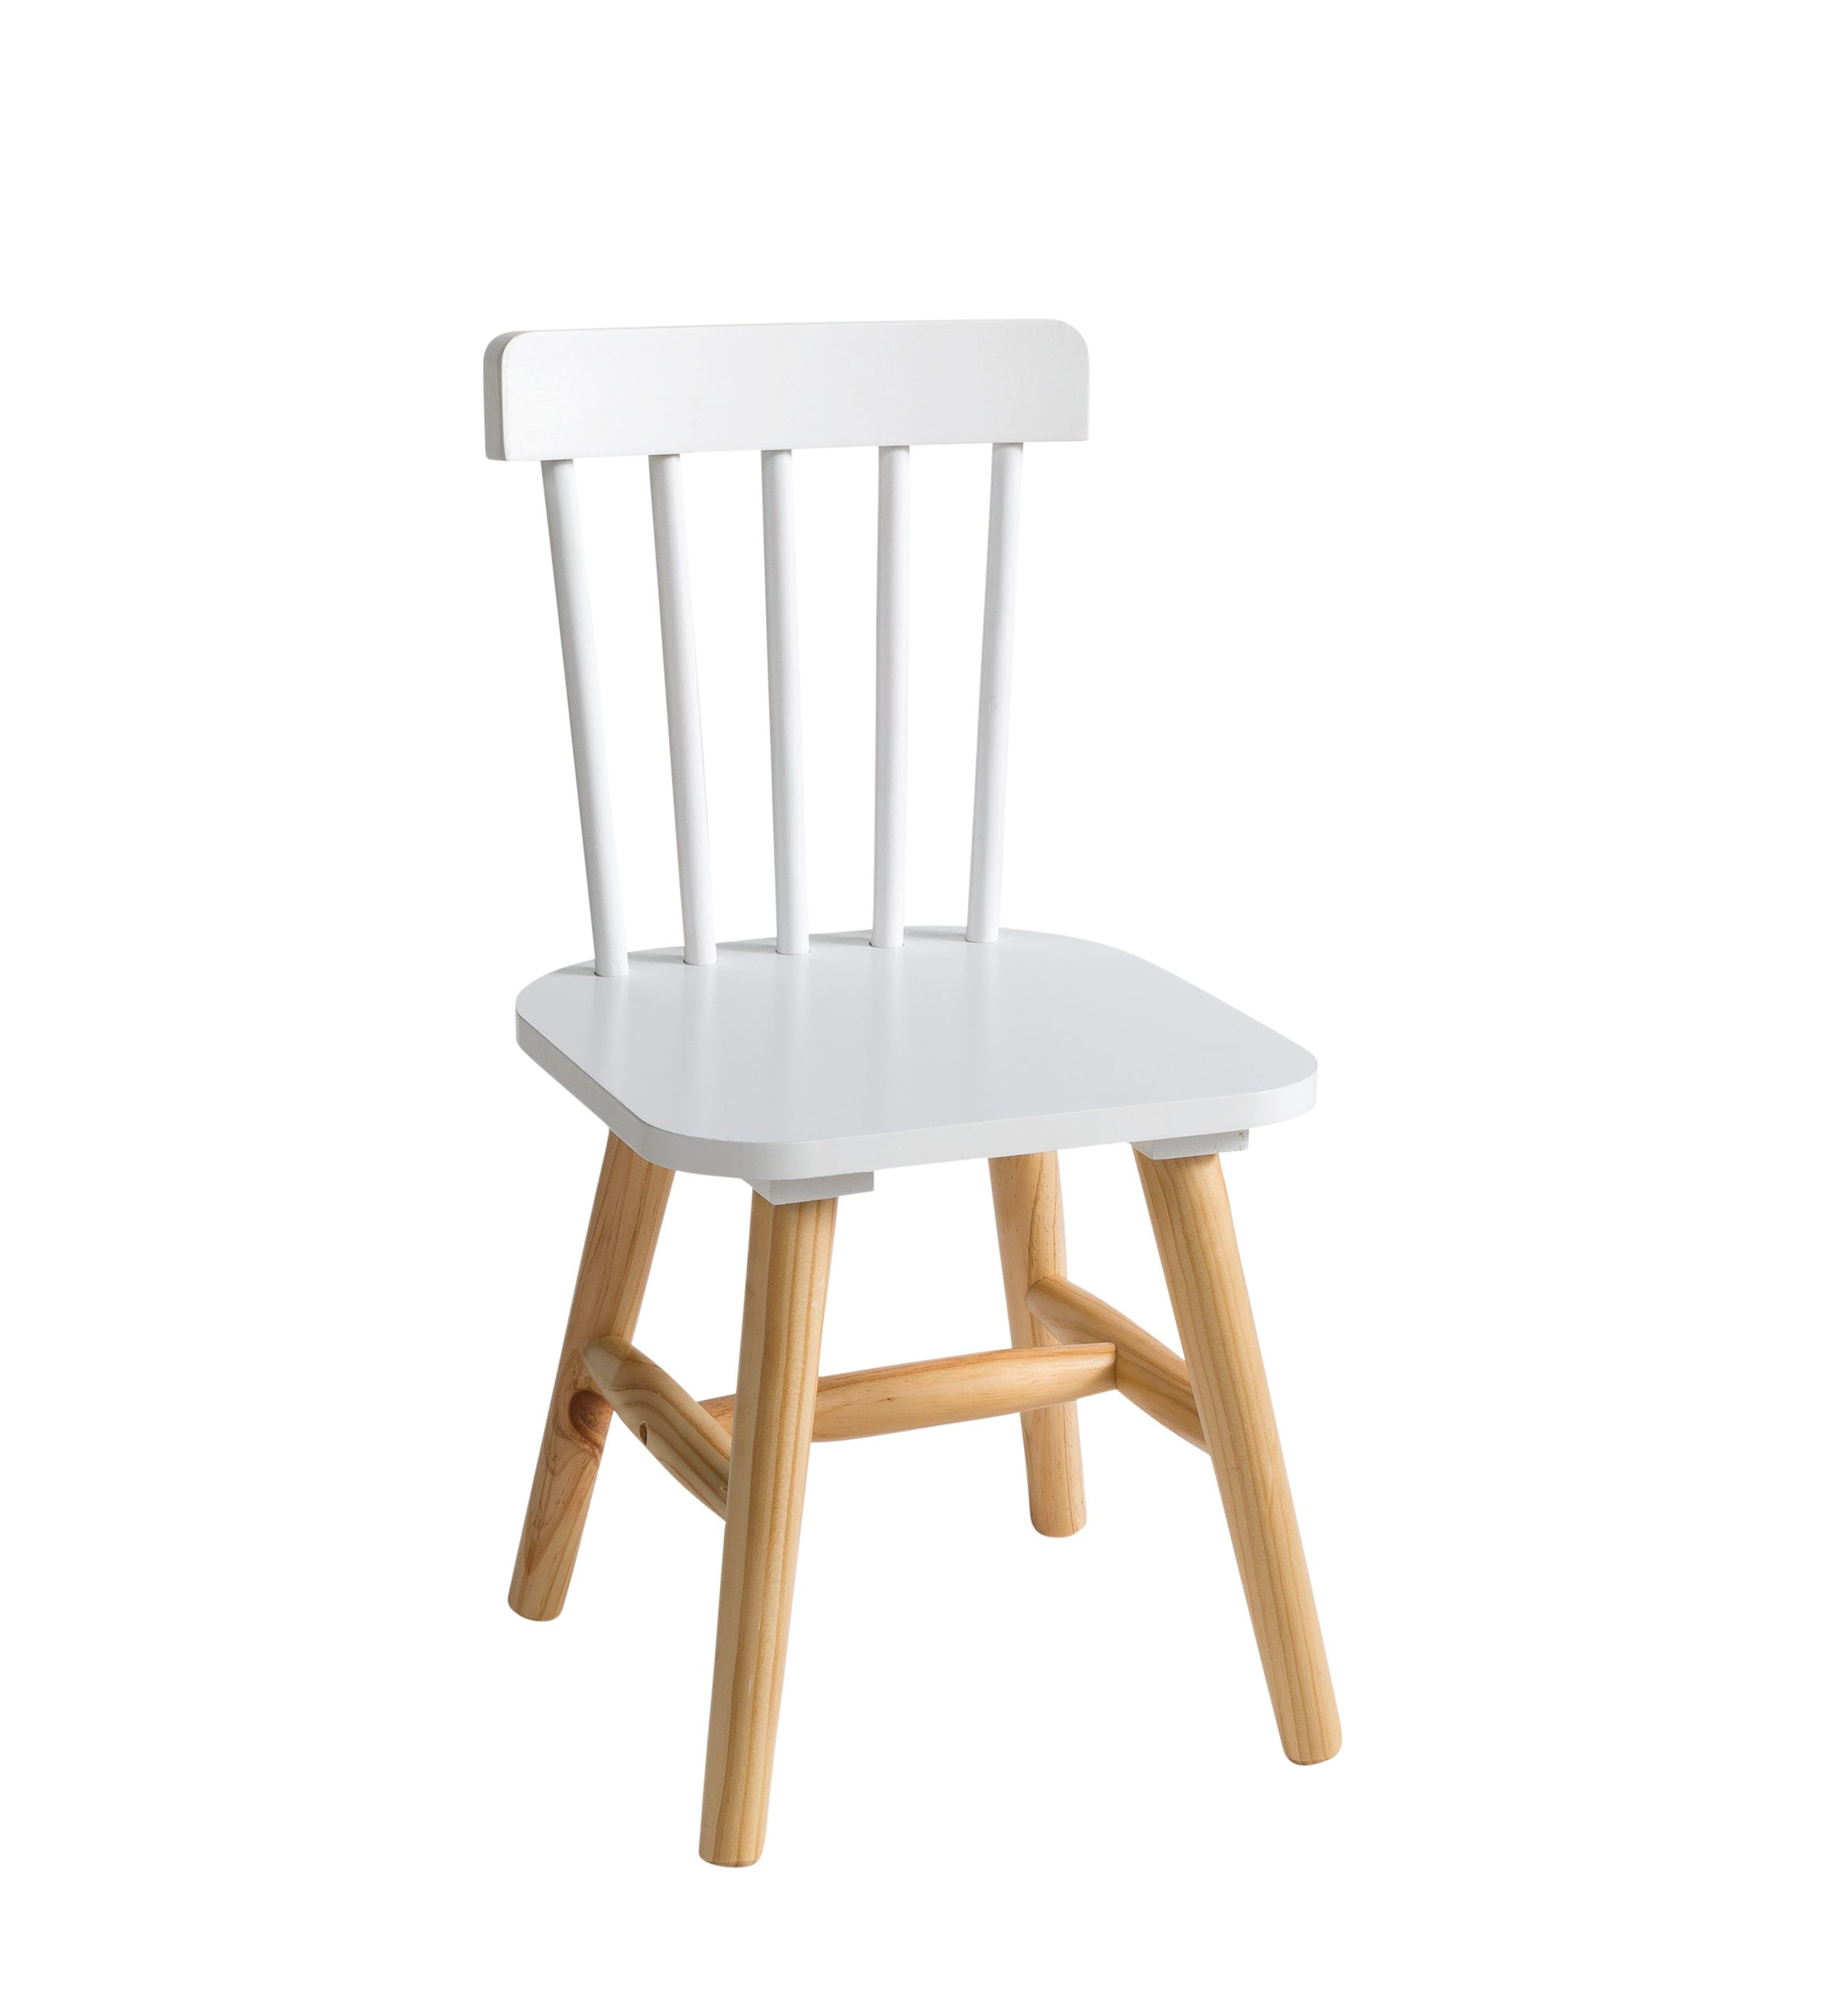 Chaise enfant GRIOTTE Blanc | Chambre bébé & enfant | Pinterest ...